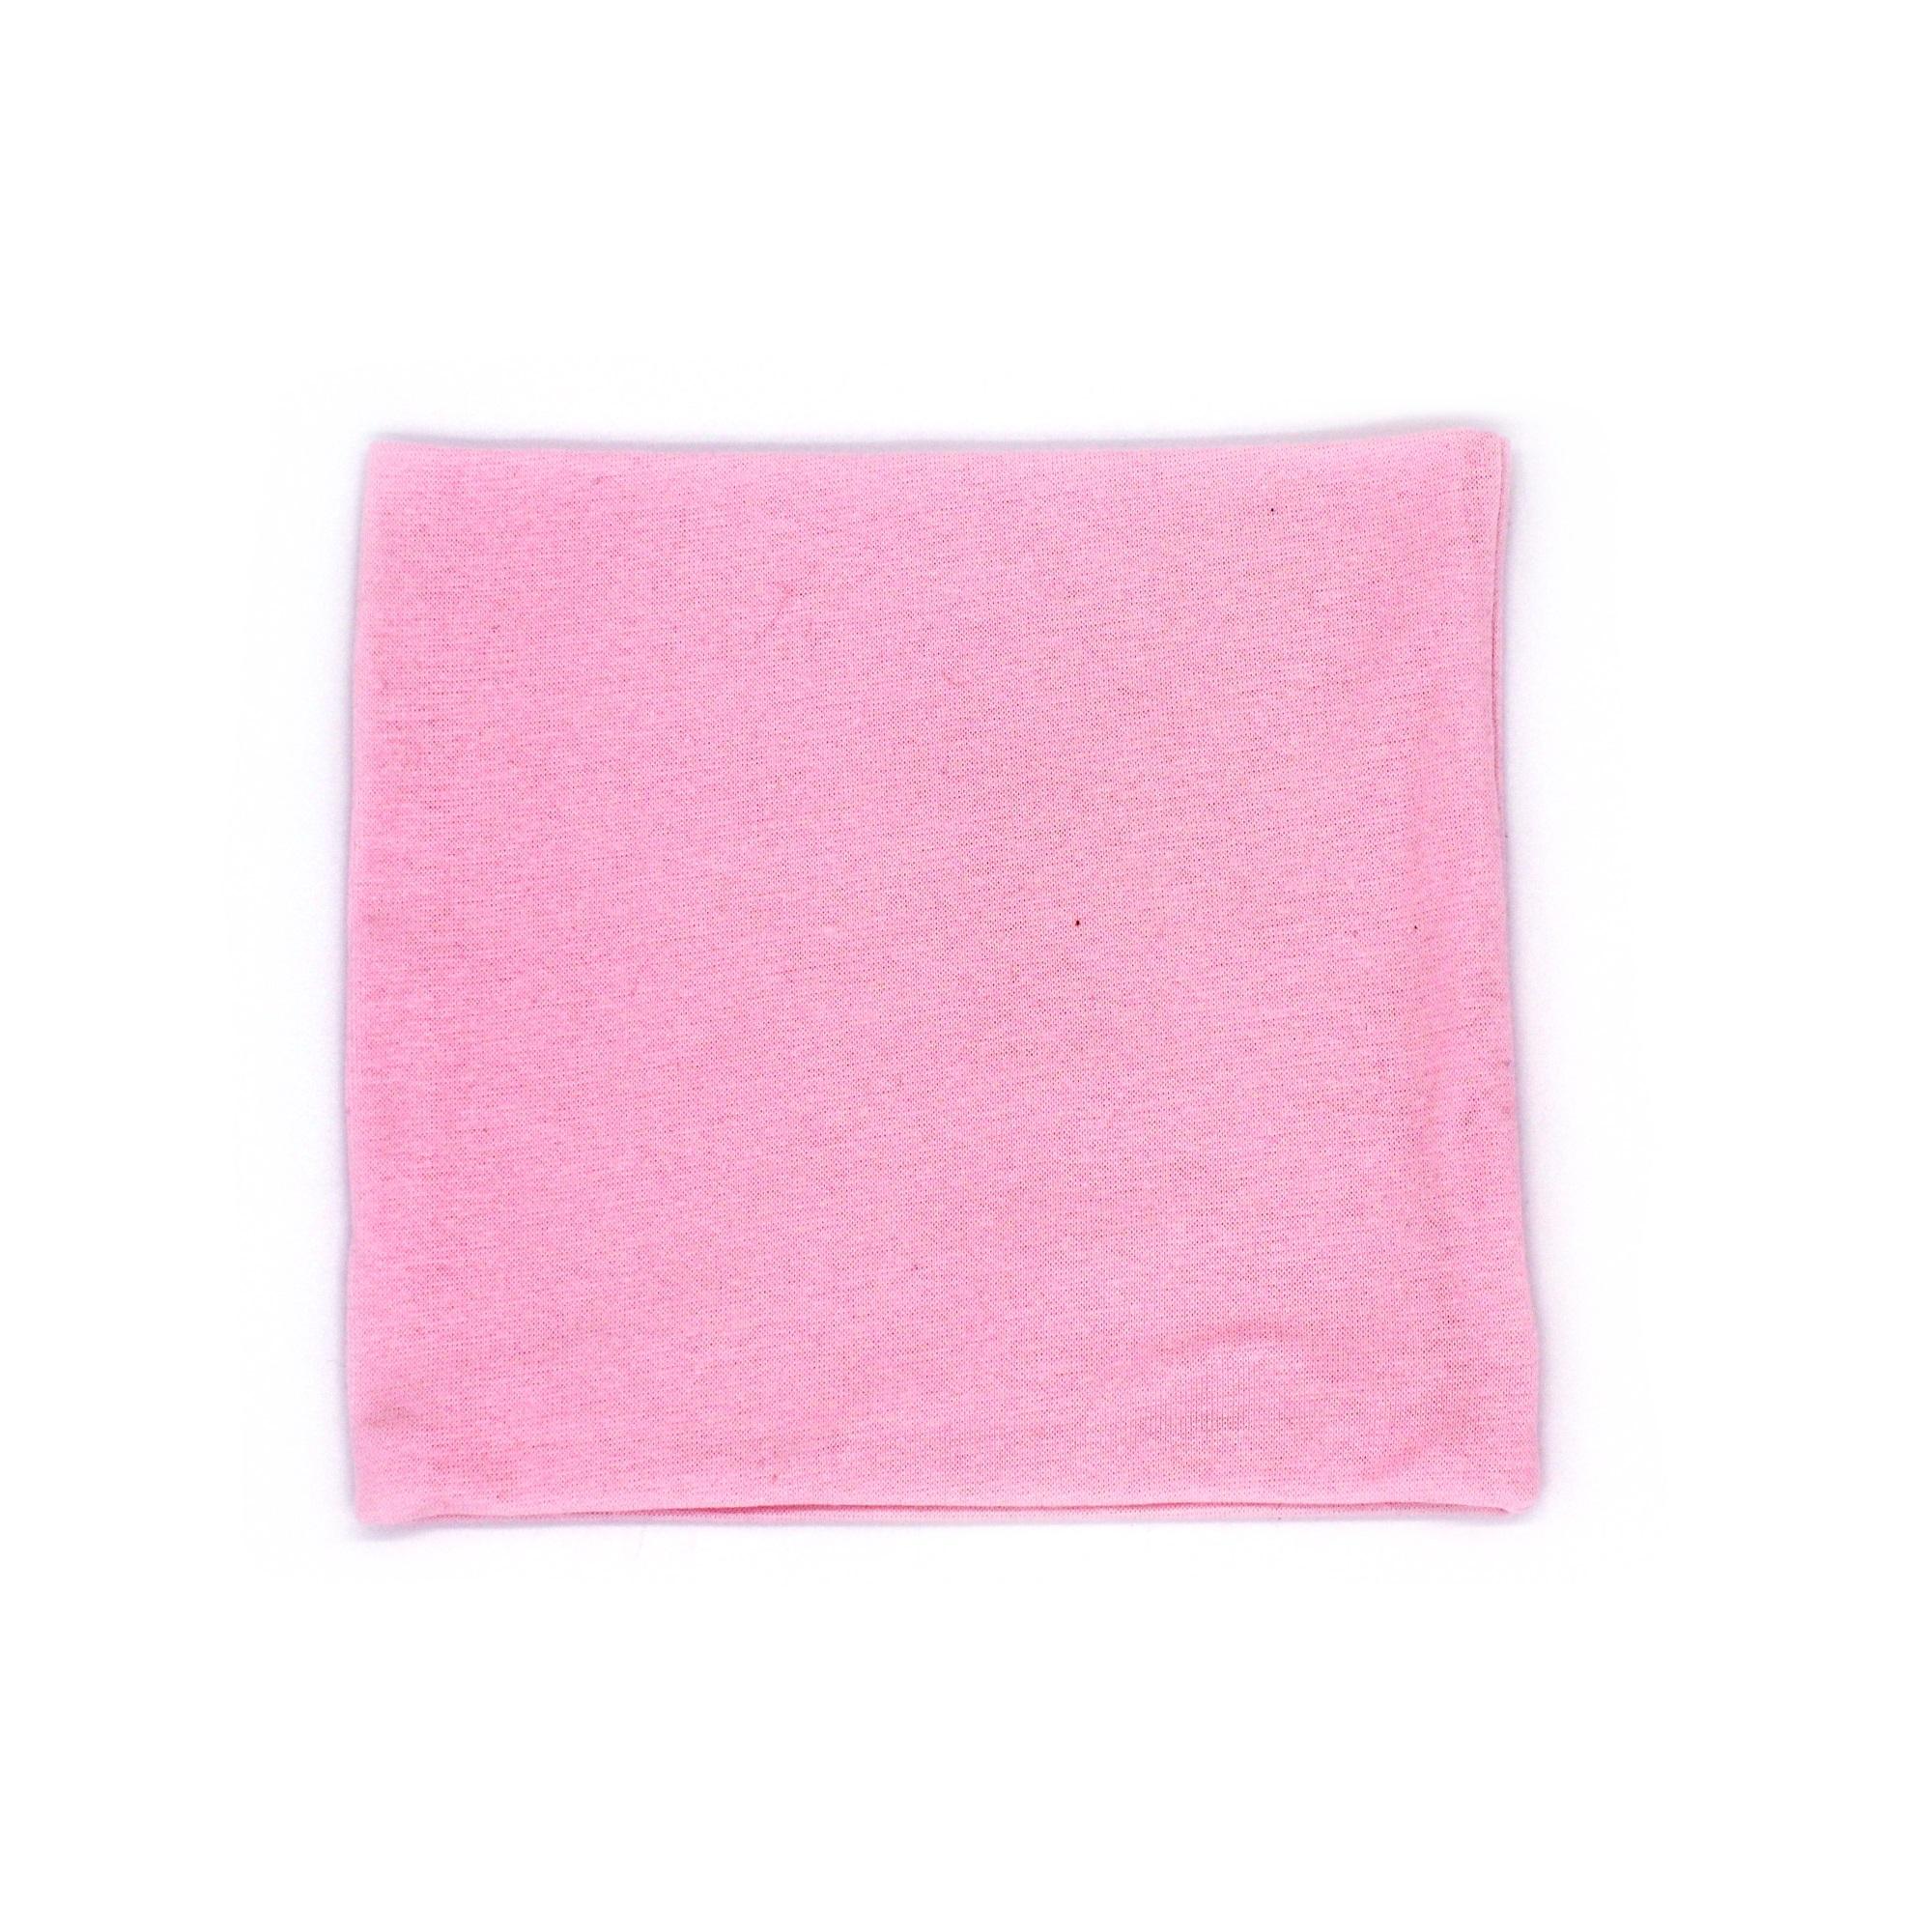 Шарф Nais, цвет: розовый р.50-52 ДС.Снуд (розовый св.)